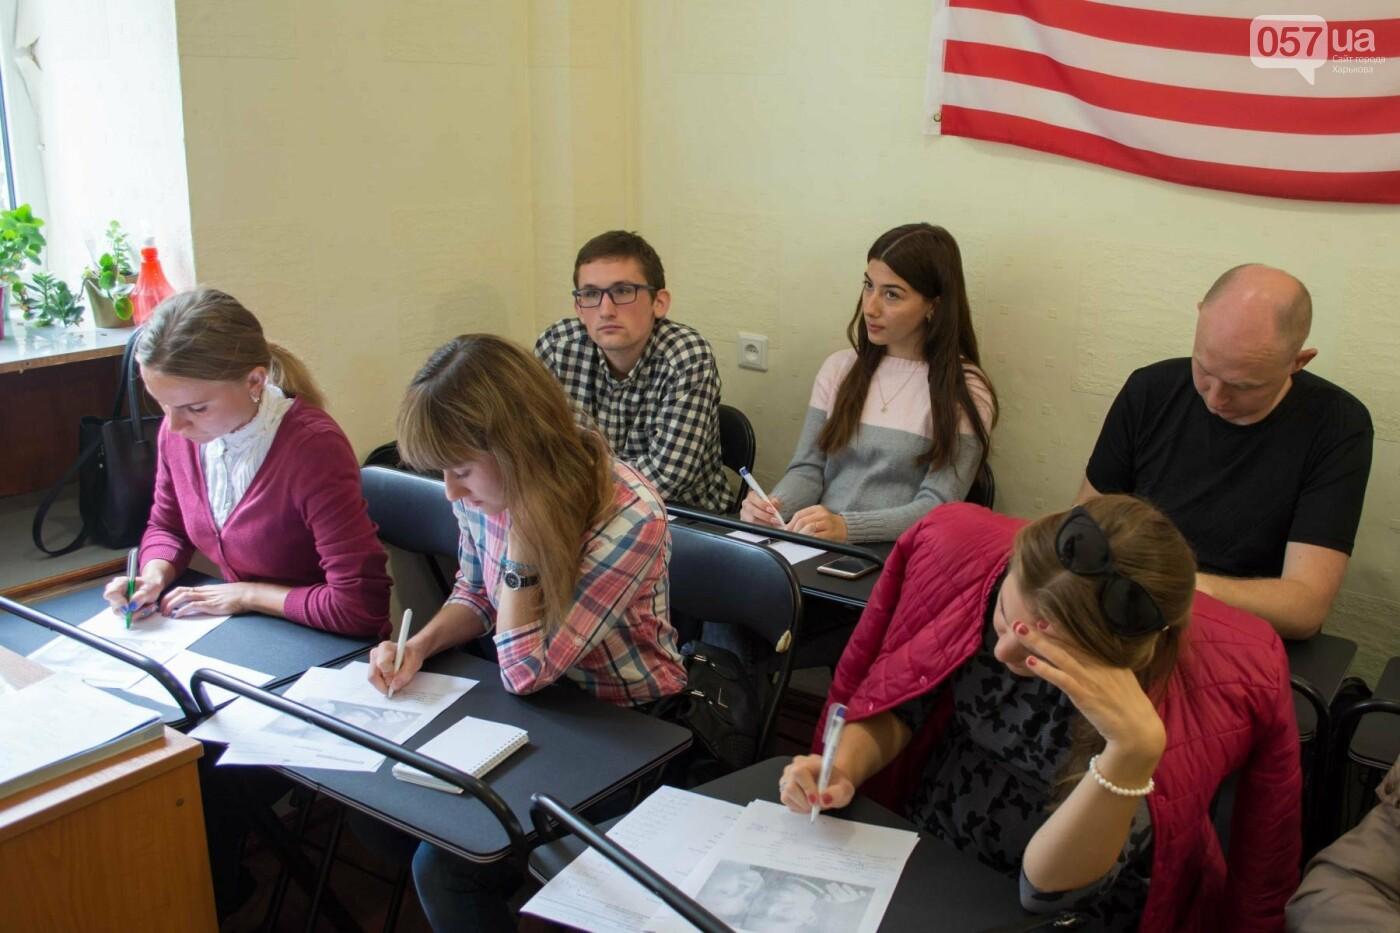 Курсы английского в Харькове ᐈ куда пойти учить английский?, фото-51